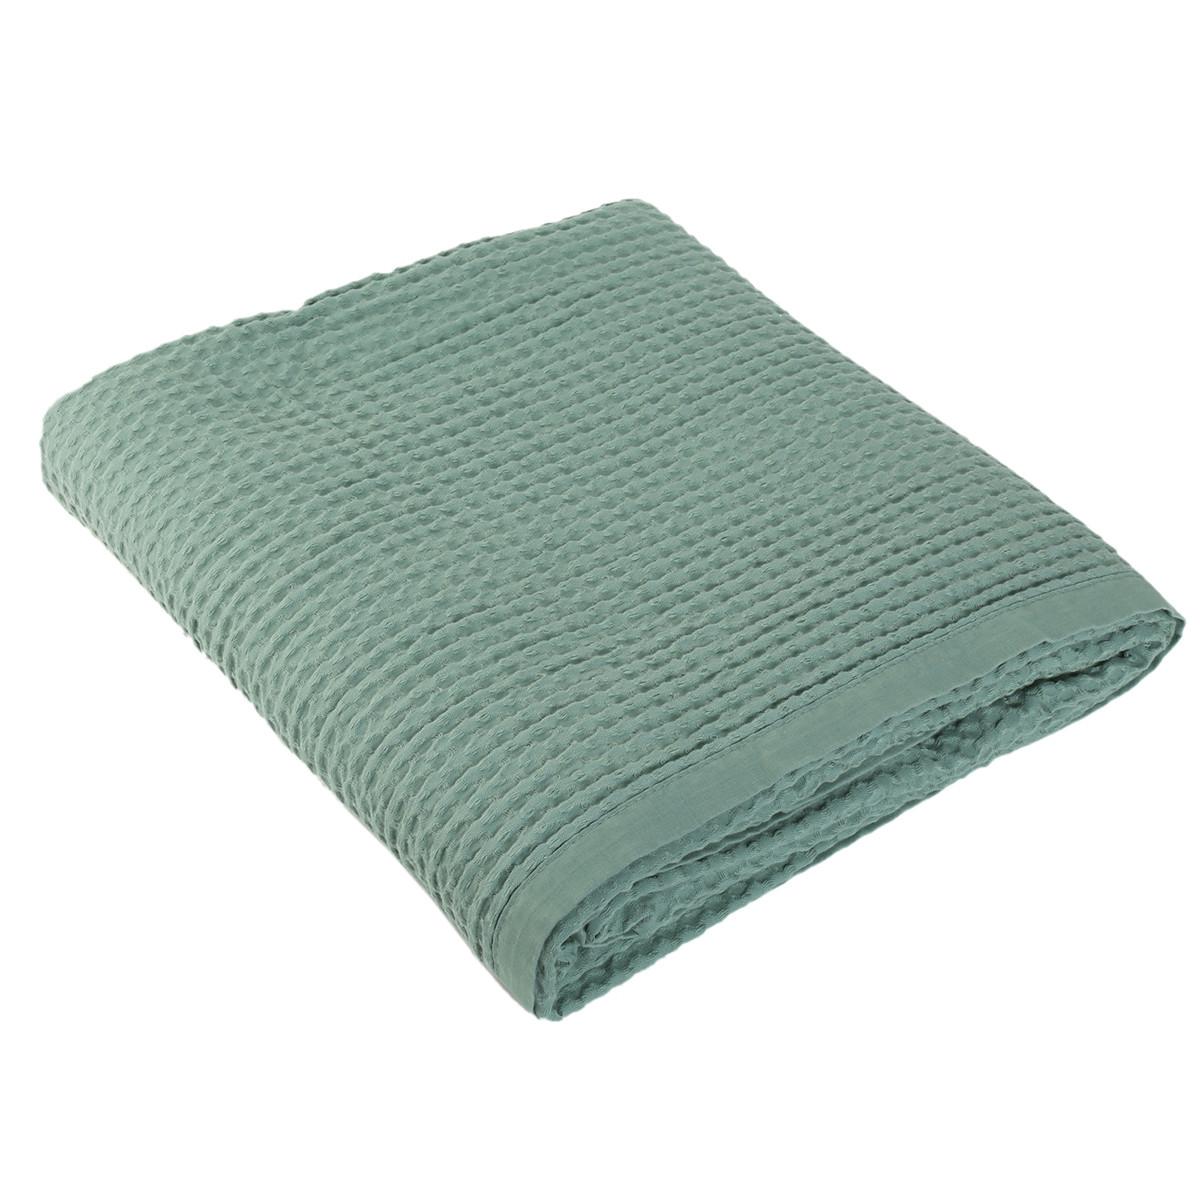 Κουβέρτα Πικέ Μονή Nef-Nef New Golf Dark Mint home   παιδικά   κουβέρτες παιδικές   κουβέρτες καλοκαιρινές